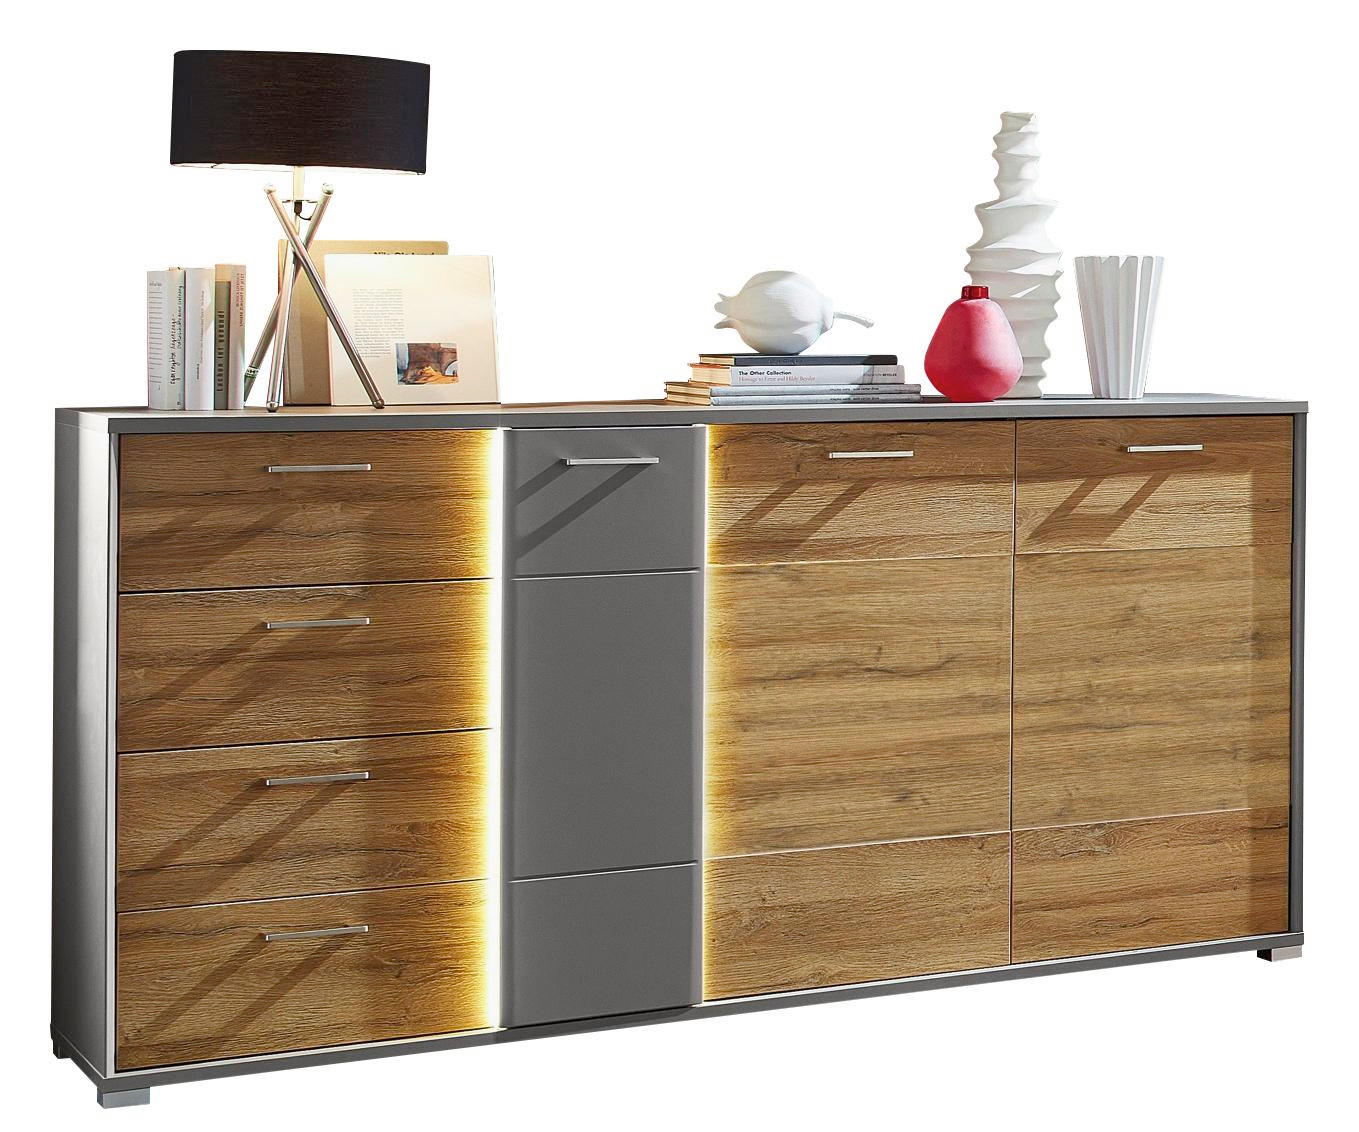 SIDEBOARD foliert Graphitfarben, Mooreichefarben - Mooreichefarben/Silberfarben, KONVENTIONELL, Holzwerkstoff/Metall (184/97/45cm)